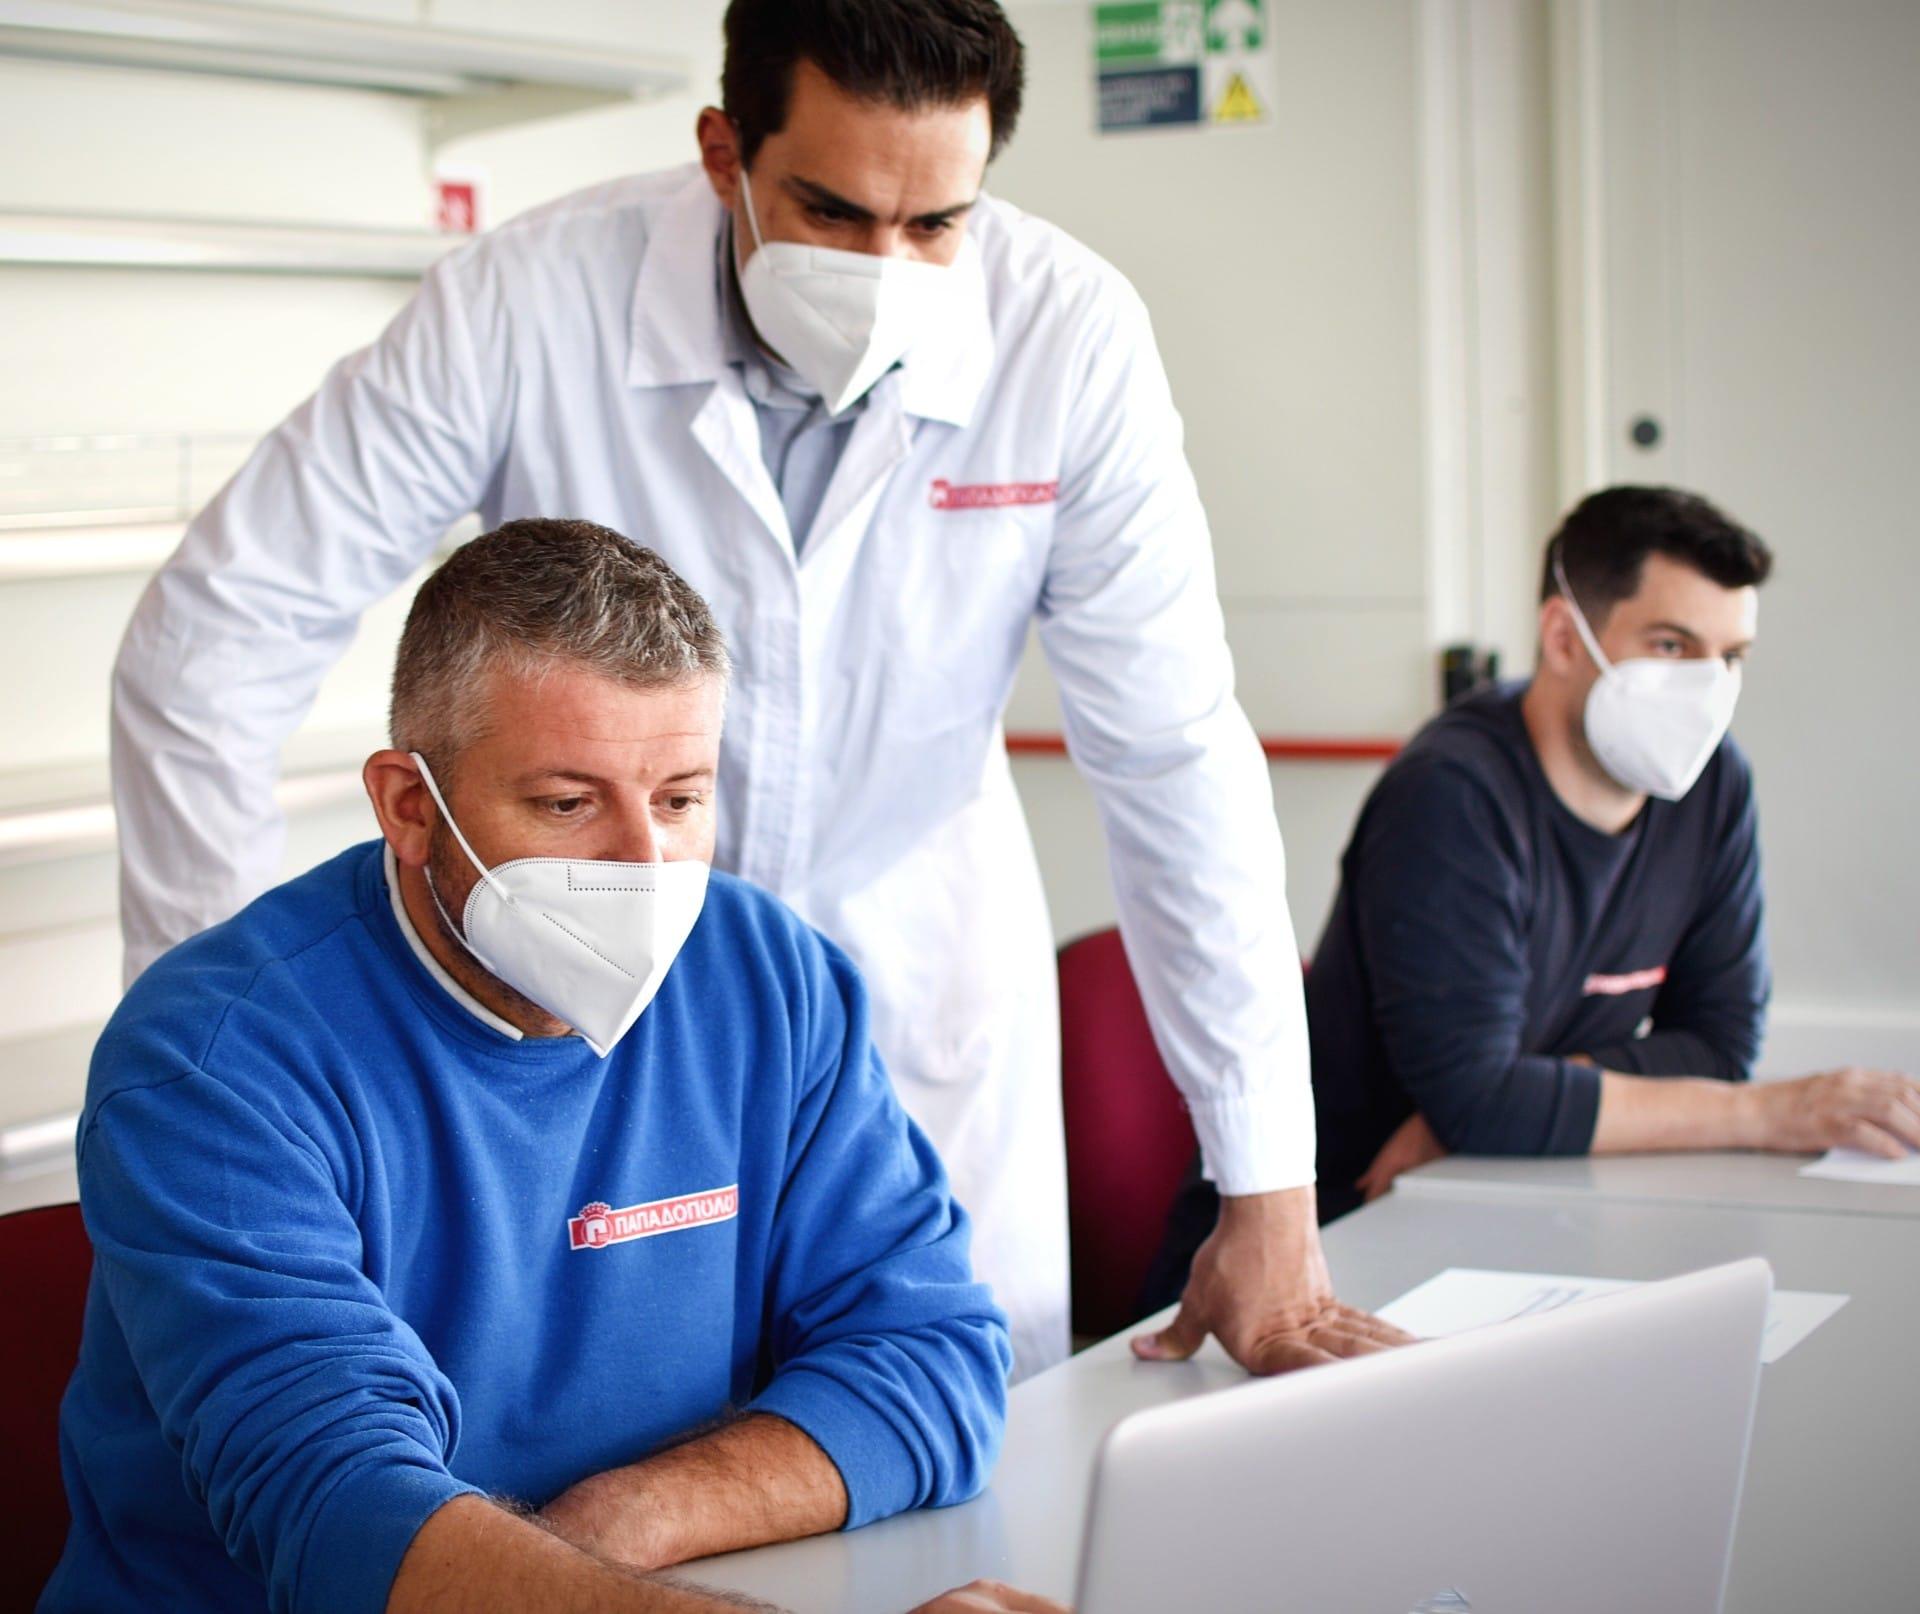 Υγεία & Ασφάλεια στην Εργασία